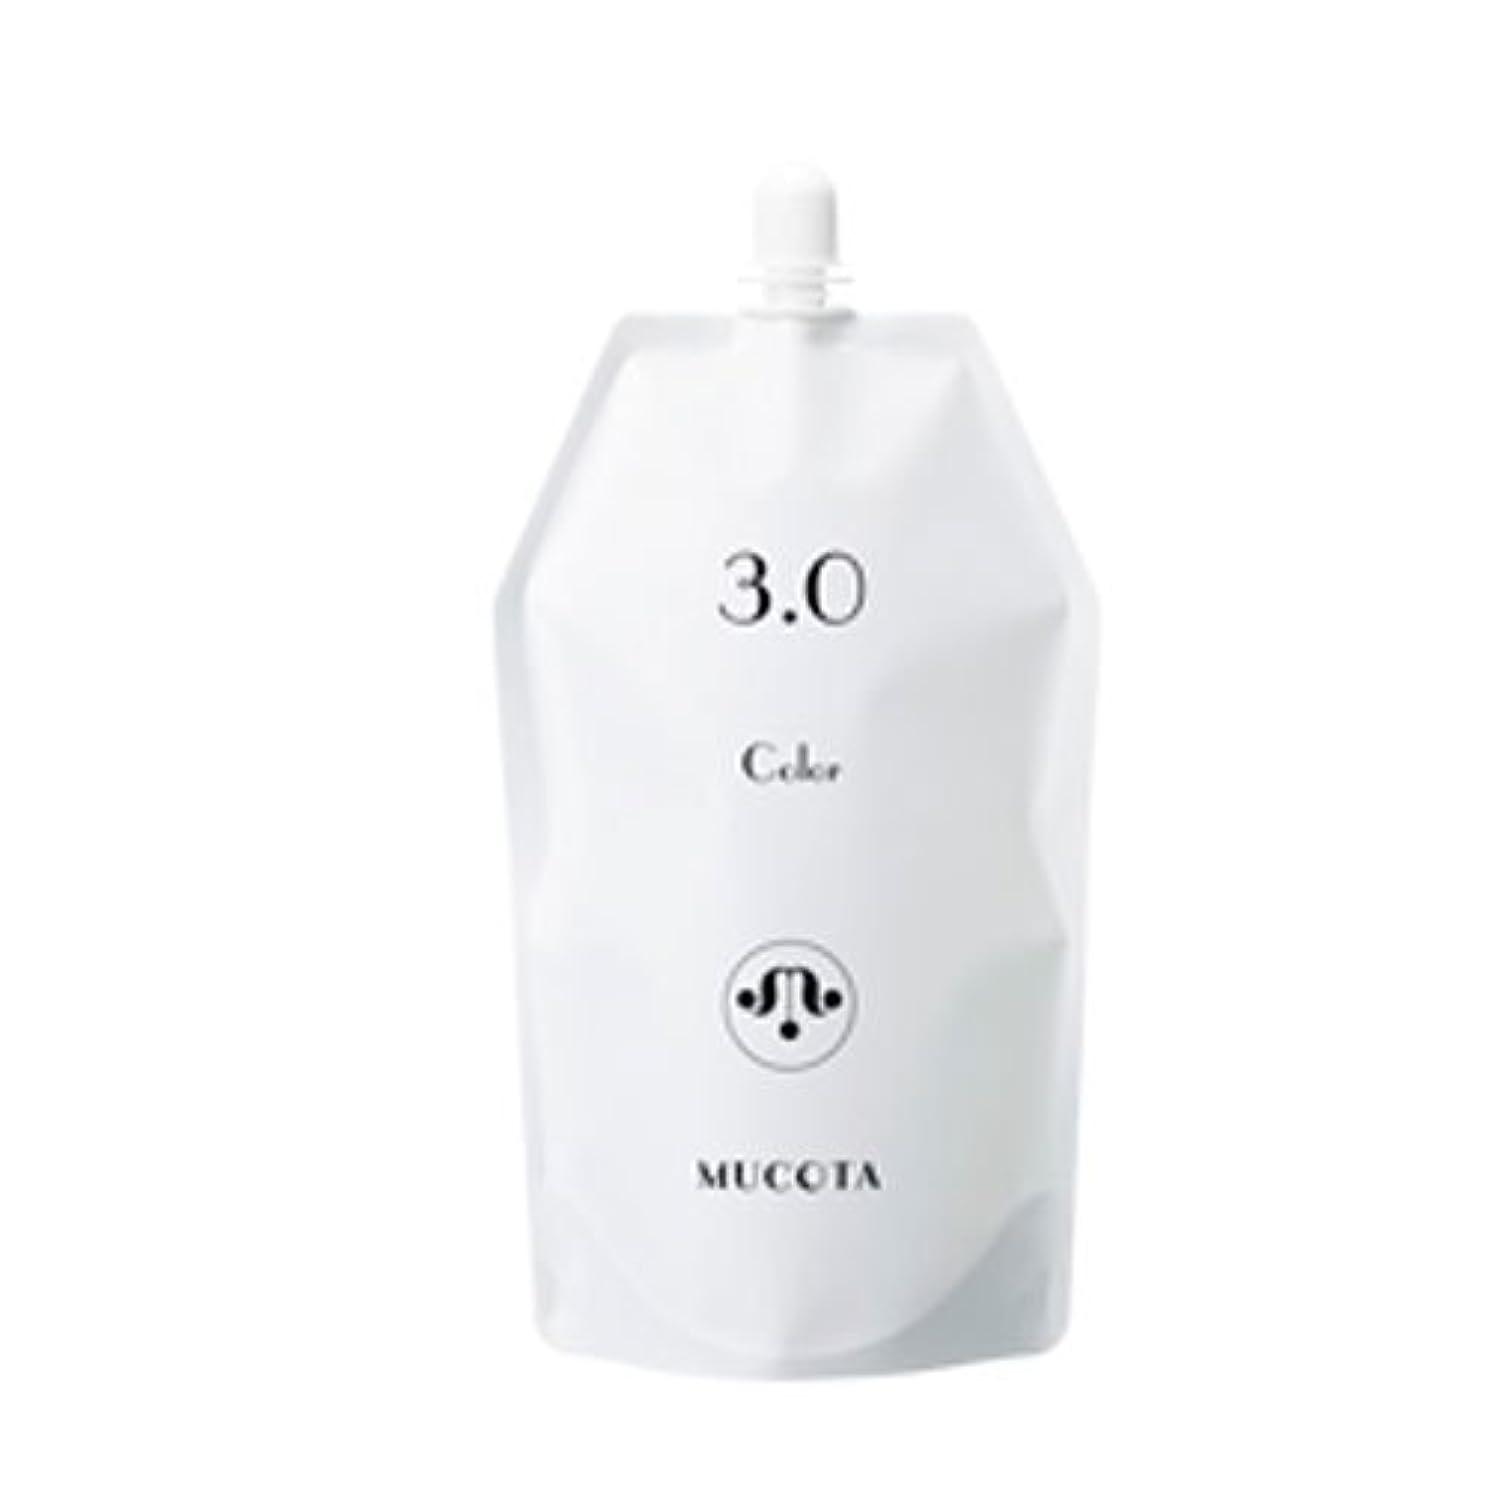 理解する恒久的分析するムコタ ヘアカラー OX(3.0%/4.5%/6.0%) 各 1000ml【2剤】【オキシー】【グレイカラー?白髪染め】 (OX 3.0%)